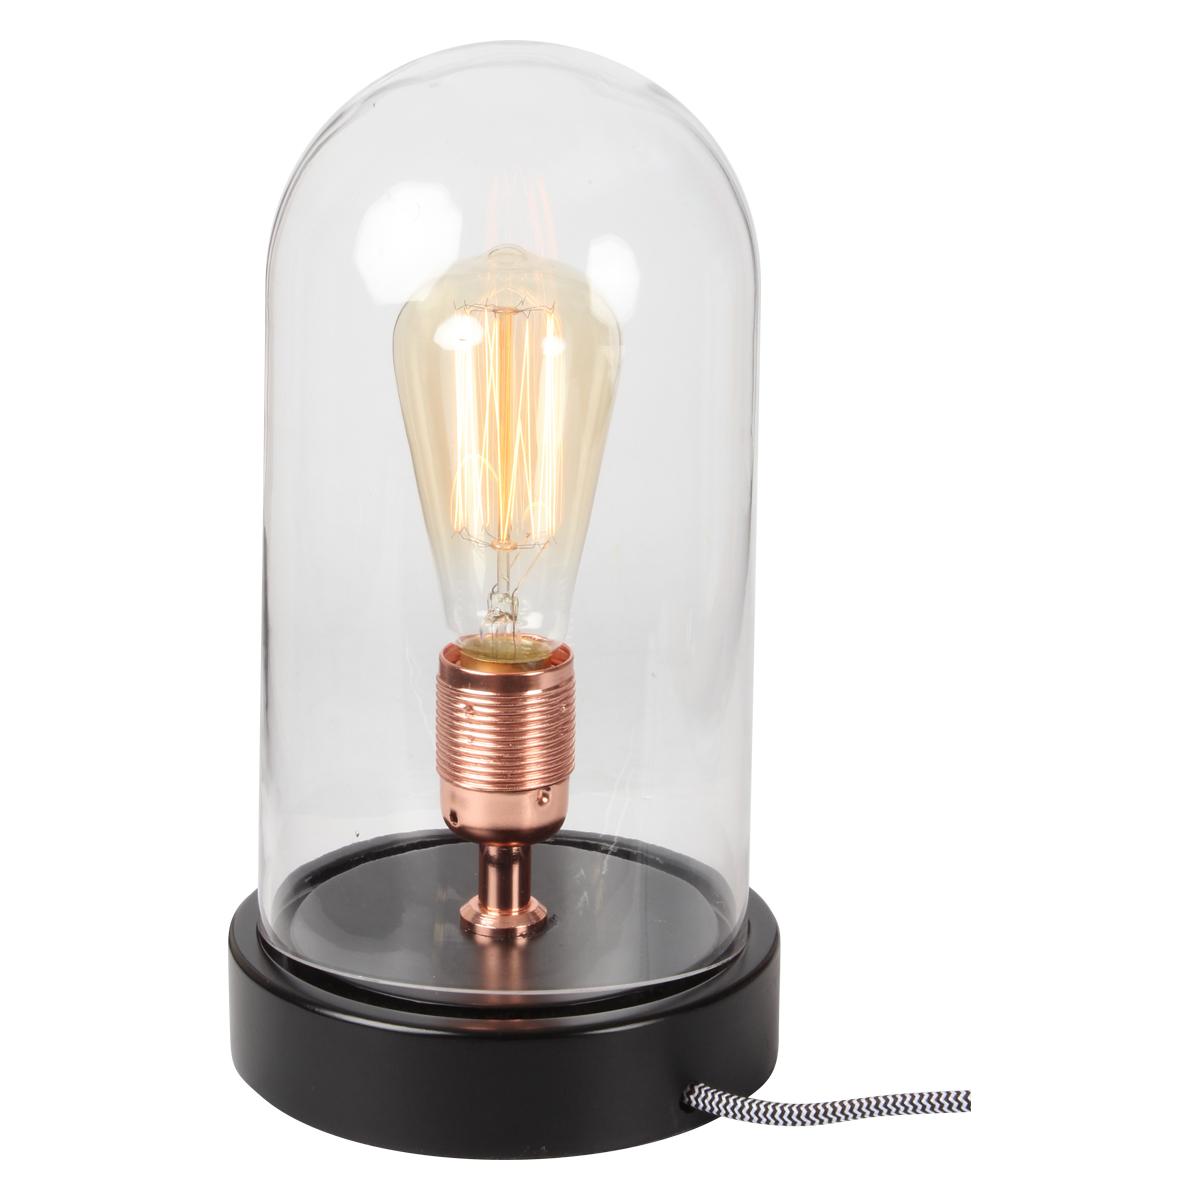 Lampe Globe A Poser Style Industrielle Demeure Et Jardin